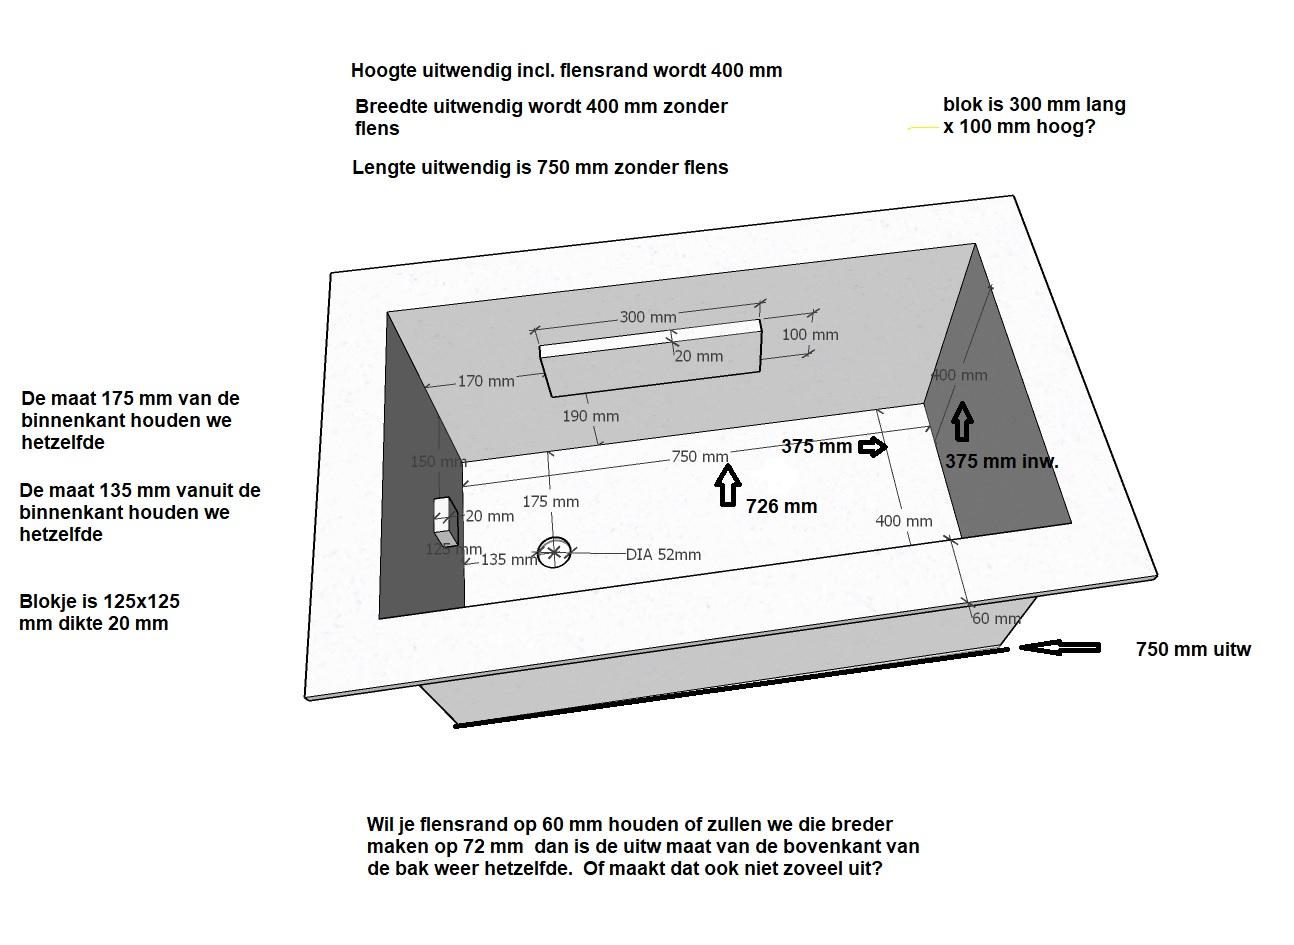 Watermeterput op verzoek van Ymere